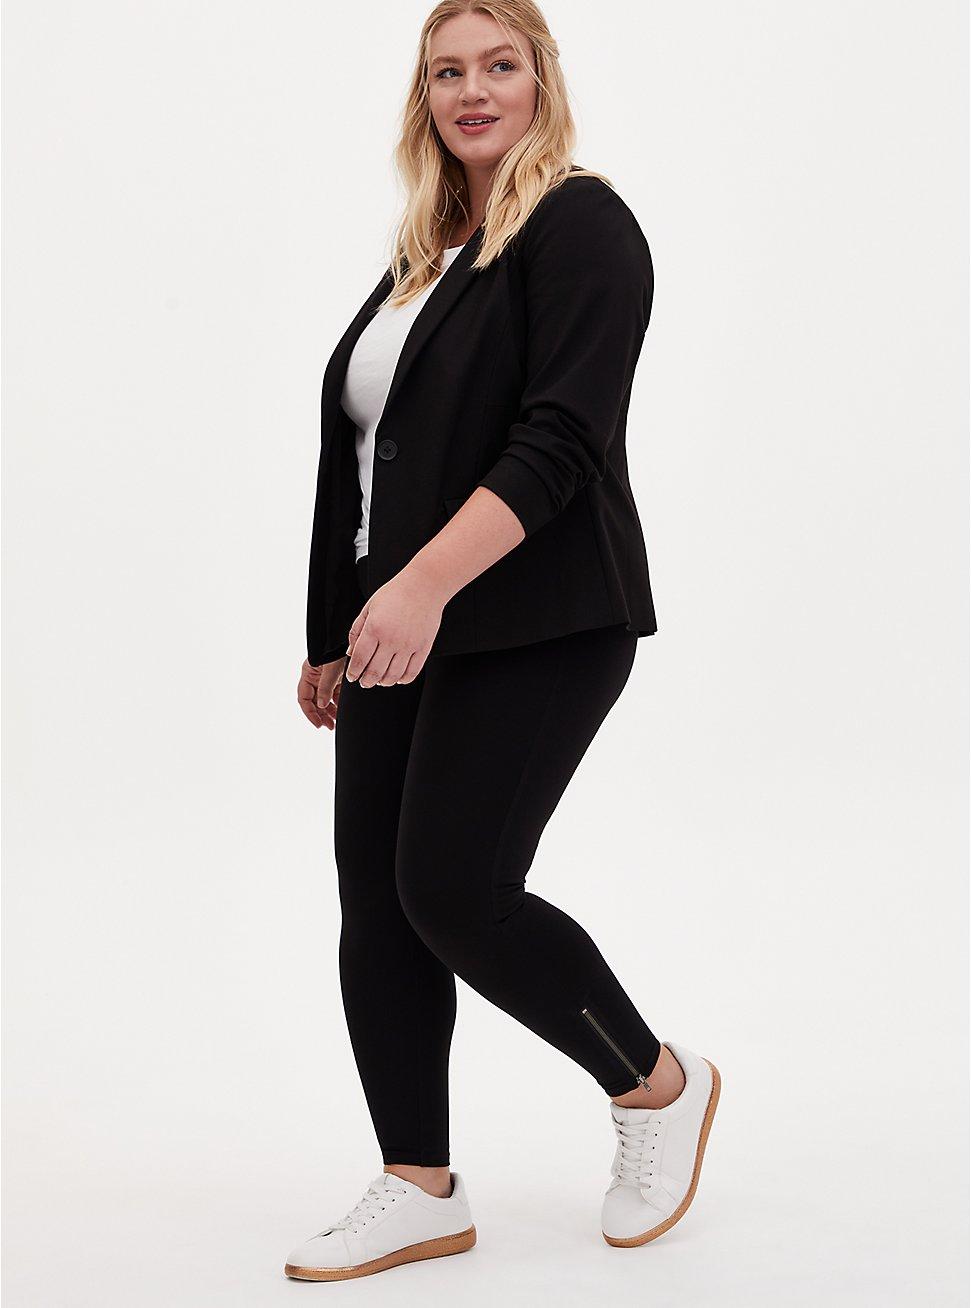 Platinum Zip Legging - Ponte Black, BLACK, hi-res